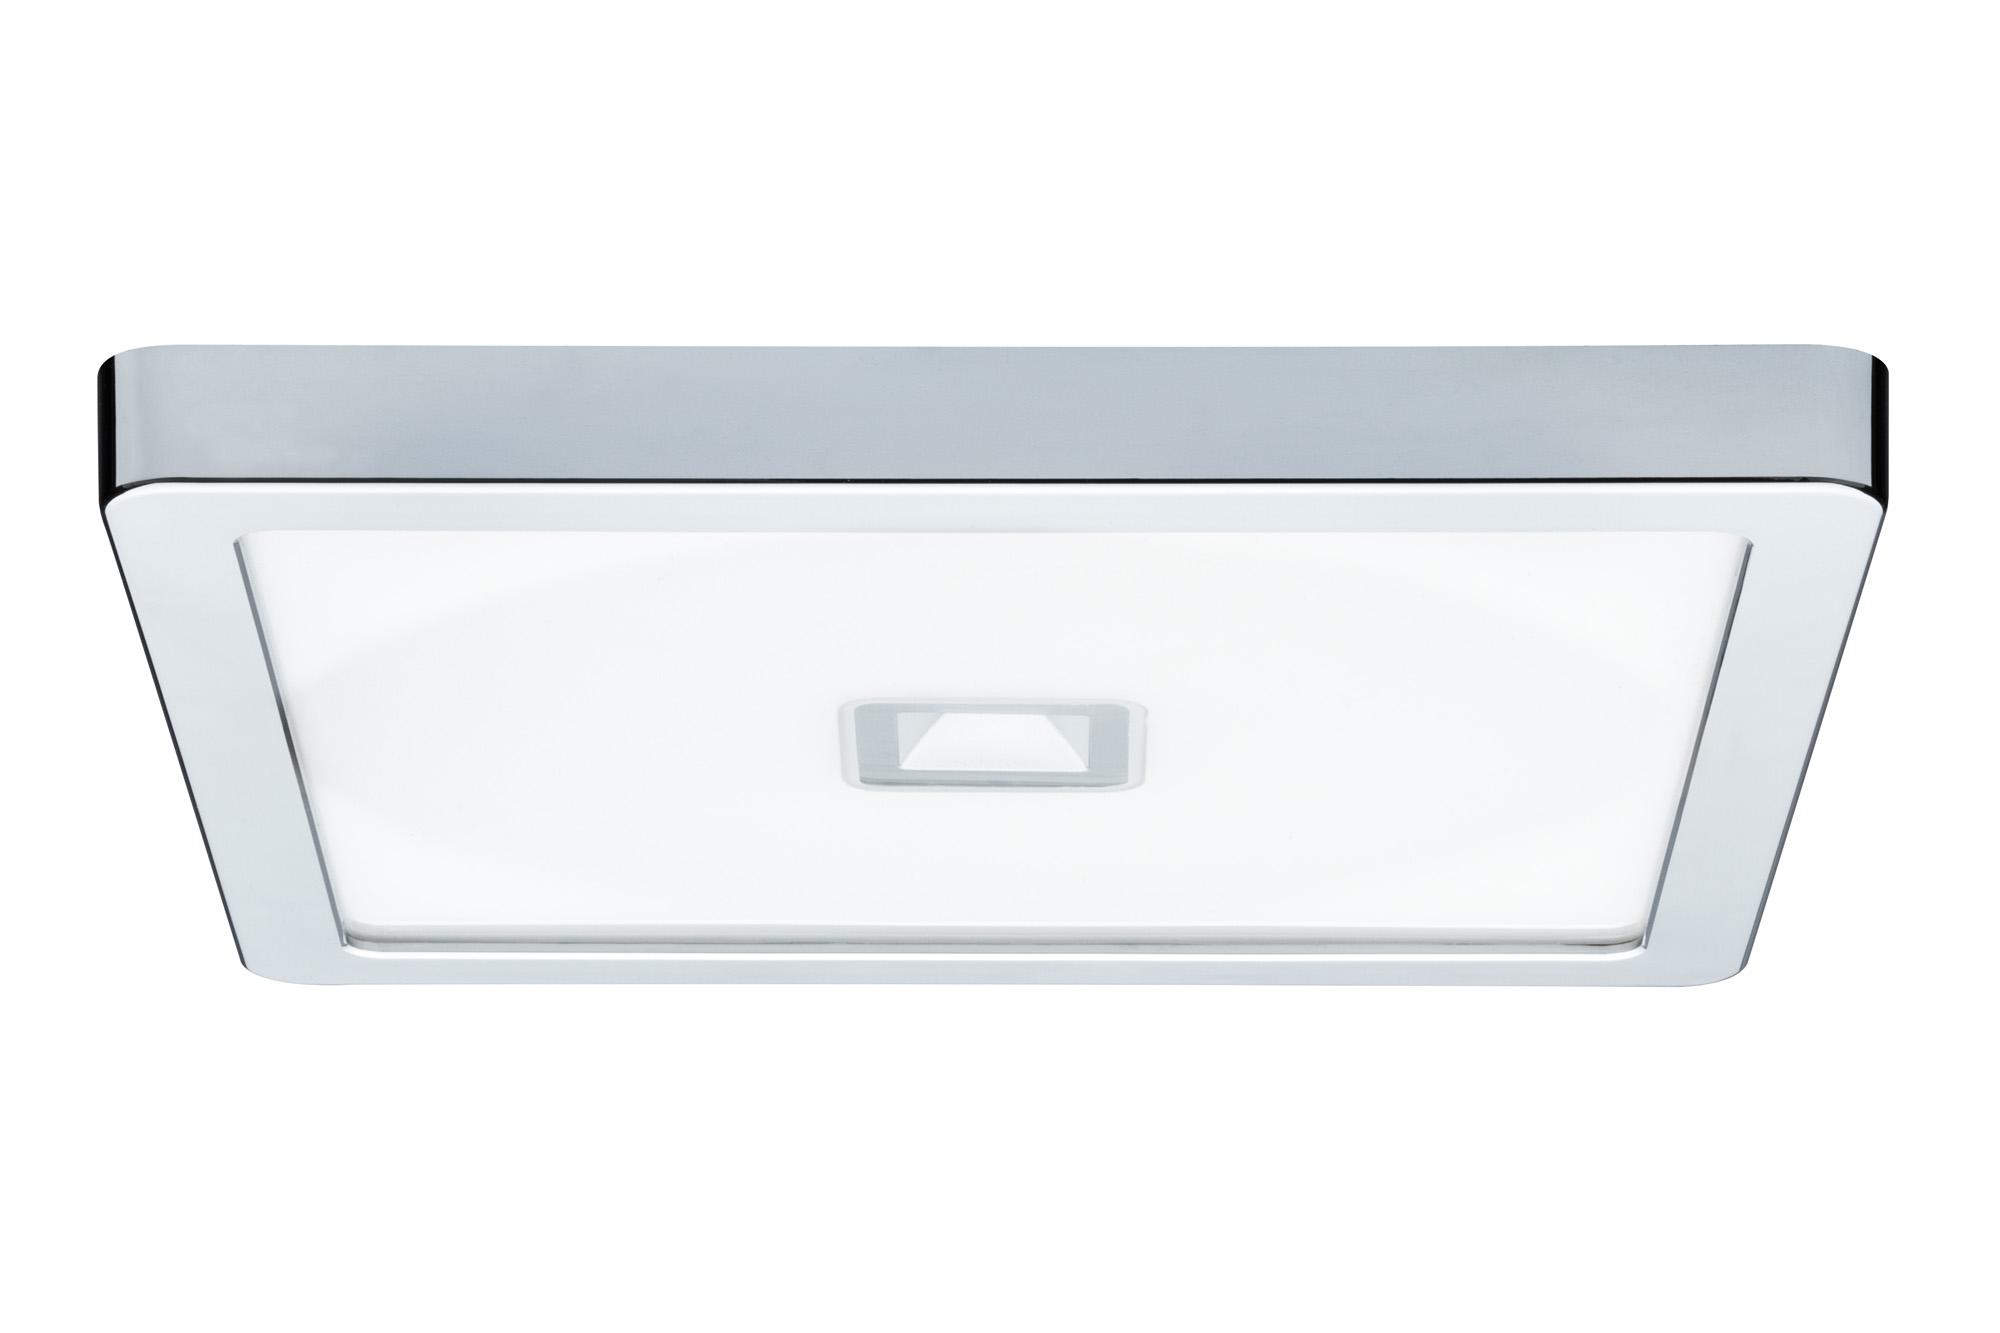 paulmann wallceiling beam led panel 19w 230v 20va. Black Bedroom Furniture Sets. Home Design Ideas